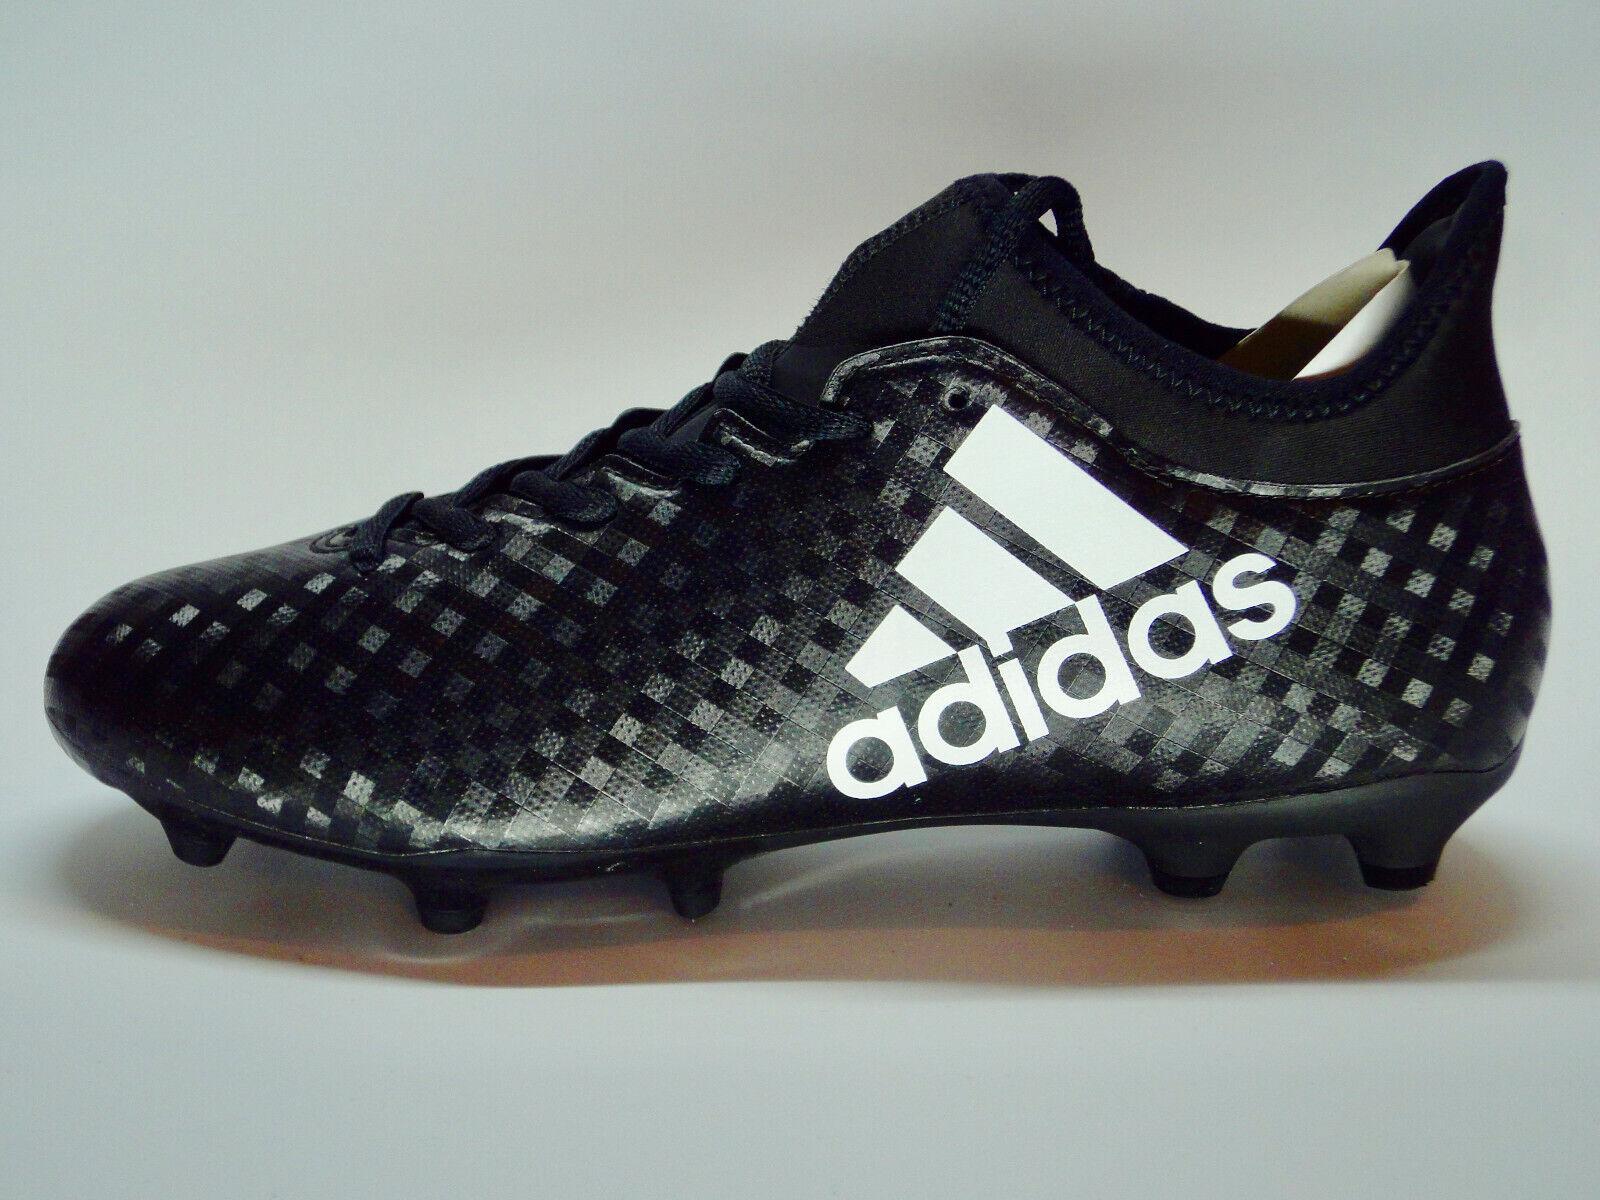 Adidas Herren X 16 3 Fg Fussballschuhe Test Vergleich +++